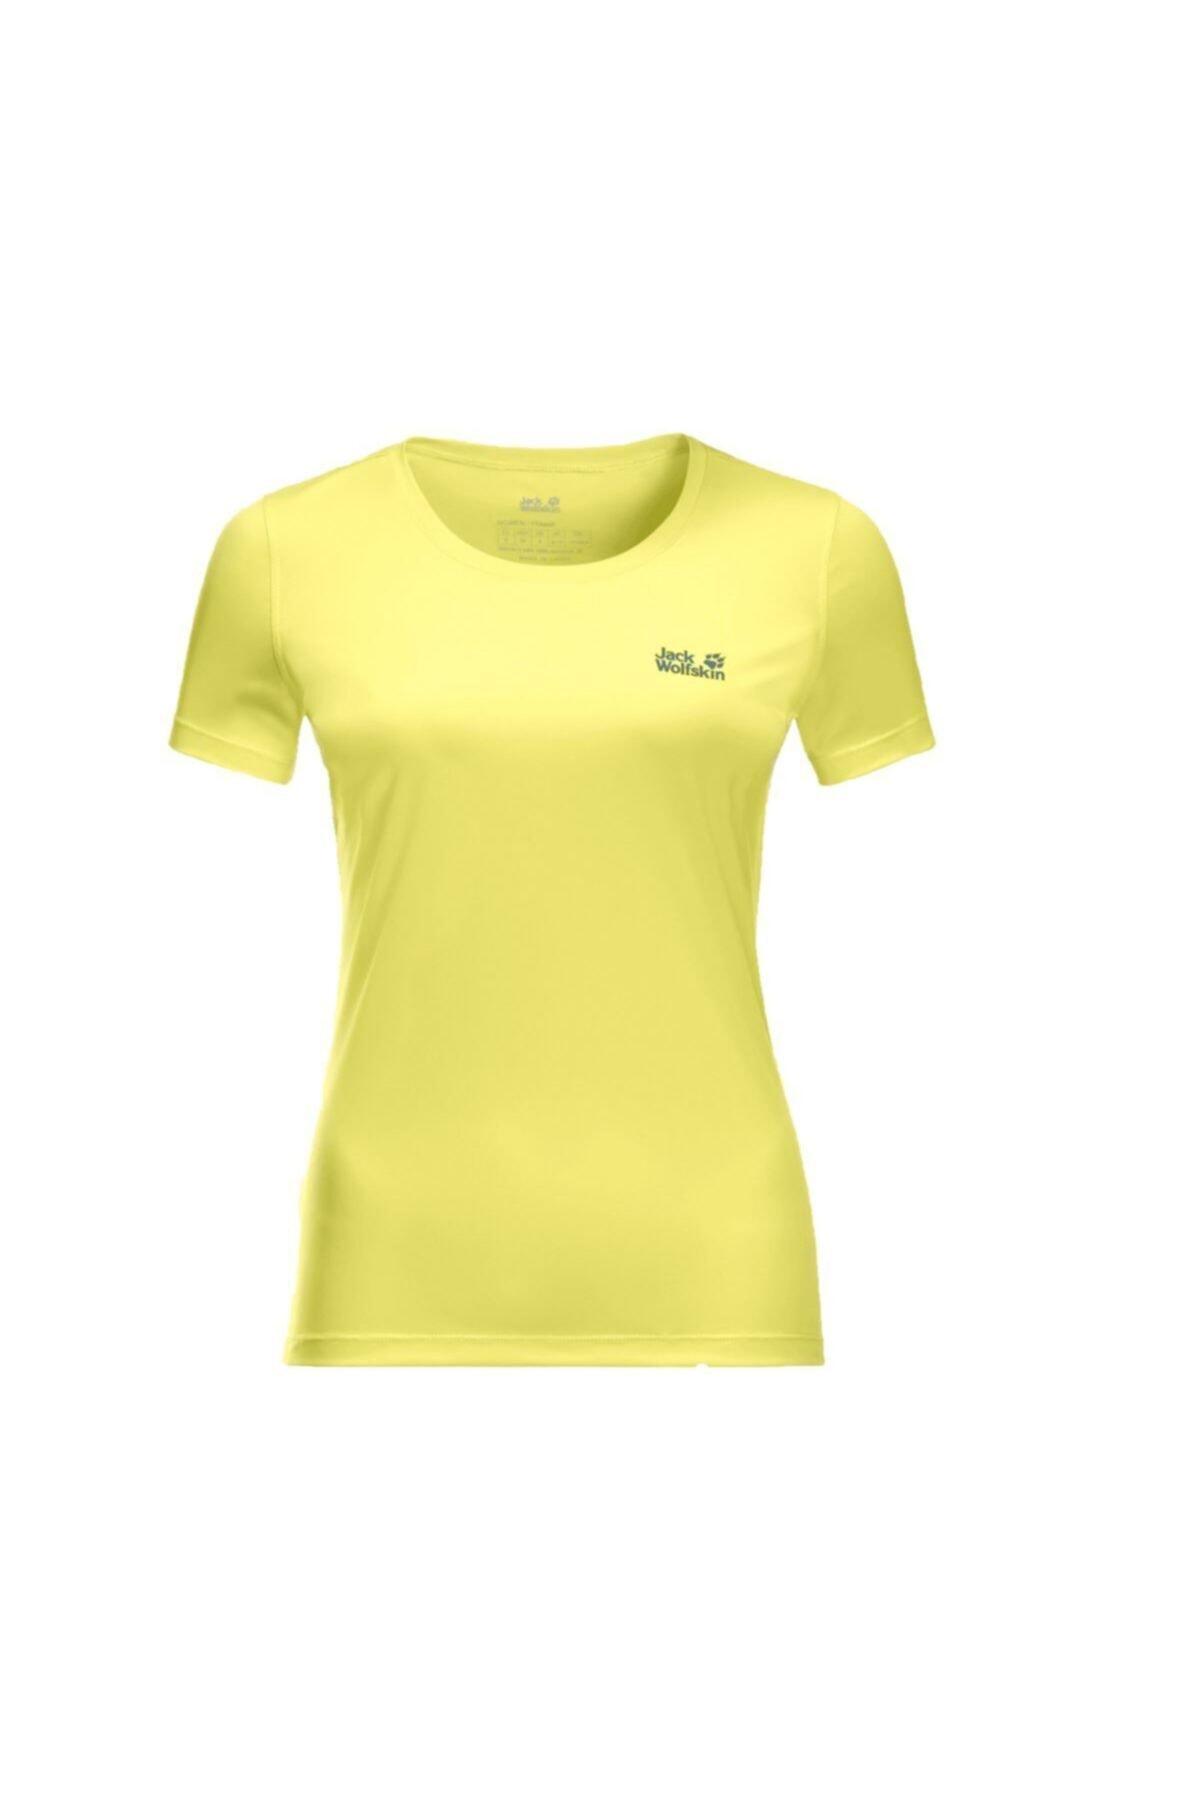 Jack Wolfskin Tech Kadın Outdoor T-shirt 1